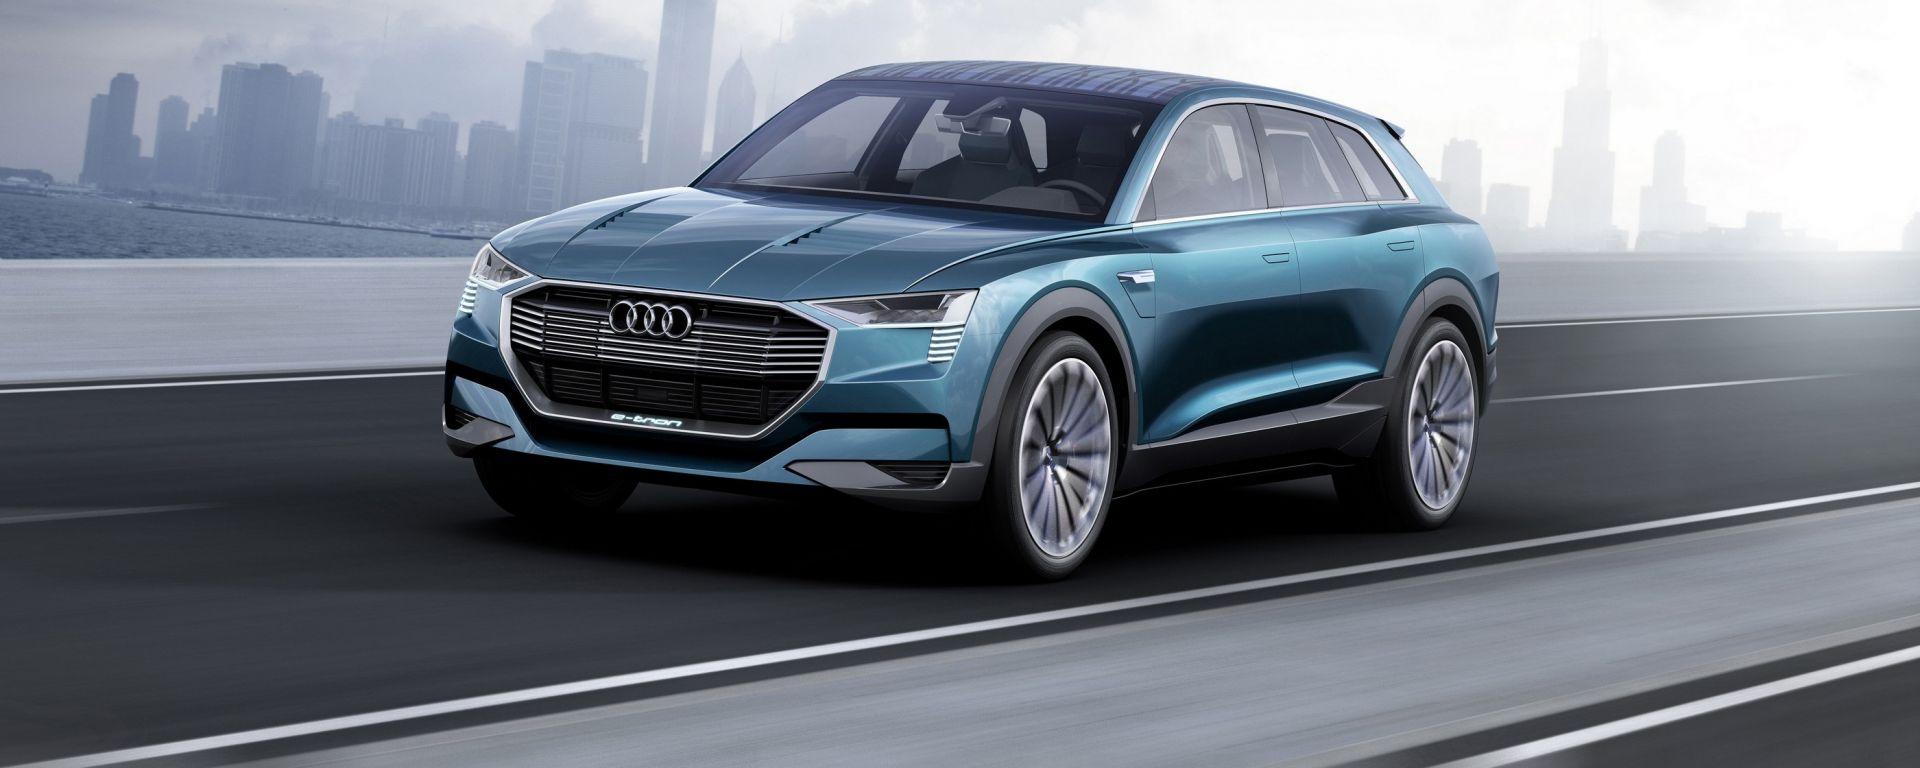 Audi: 3 elettriche entro il 2020